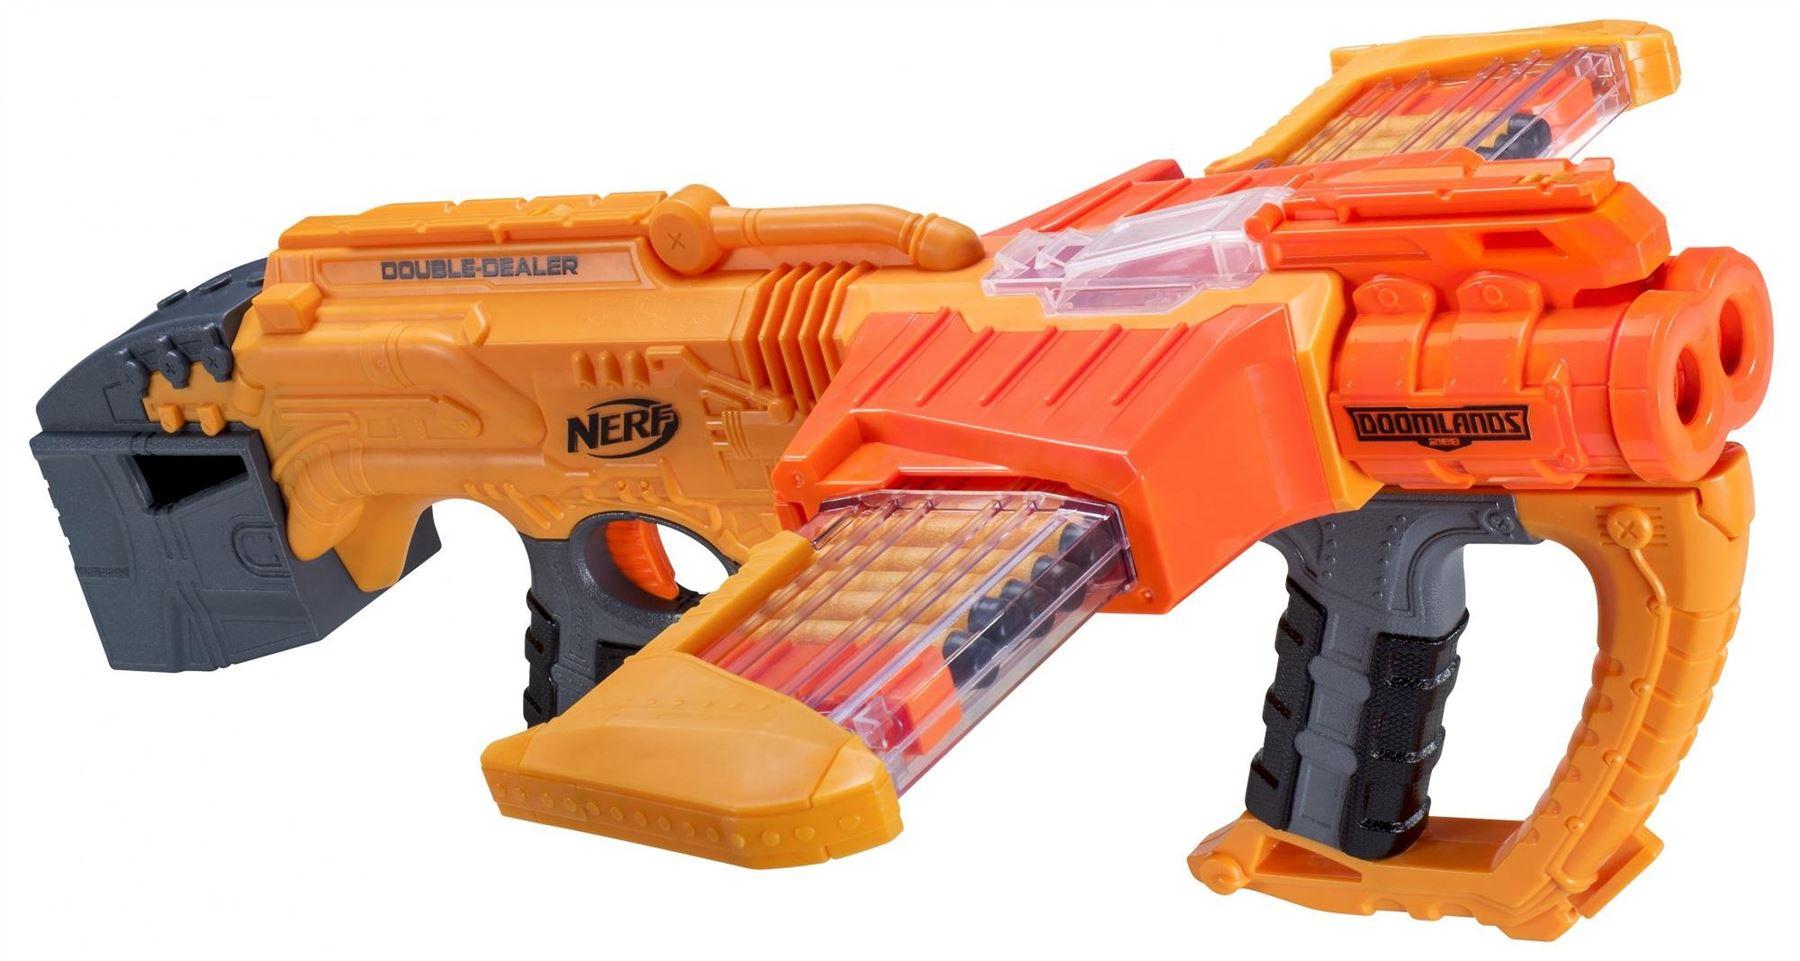 Nerf Doomlands Double Dealer Dart Blaster Gun